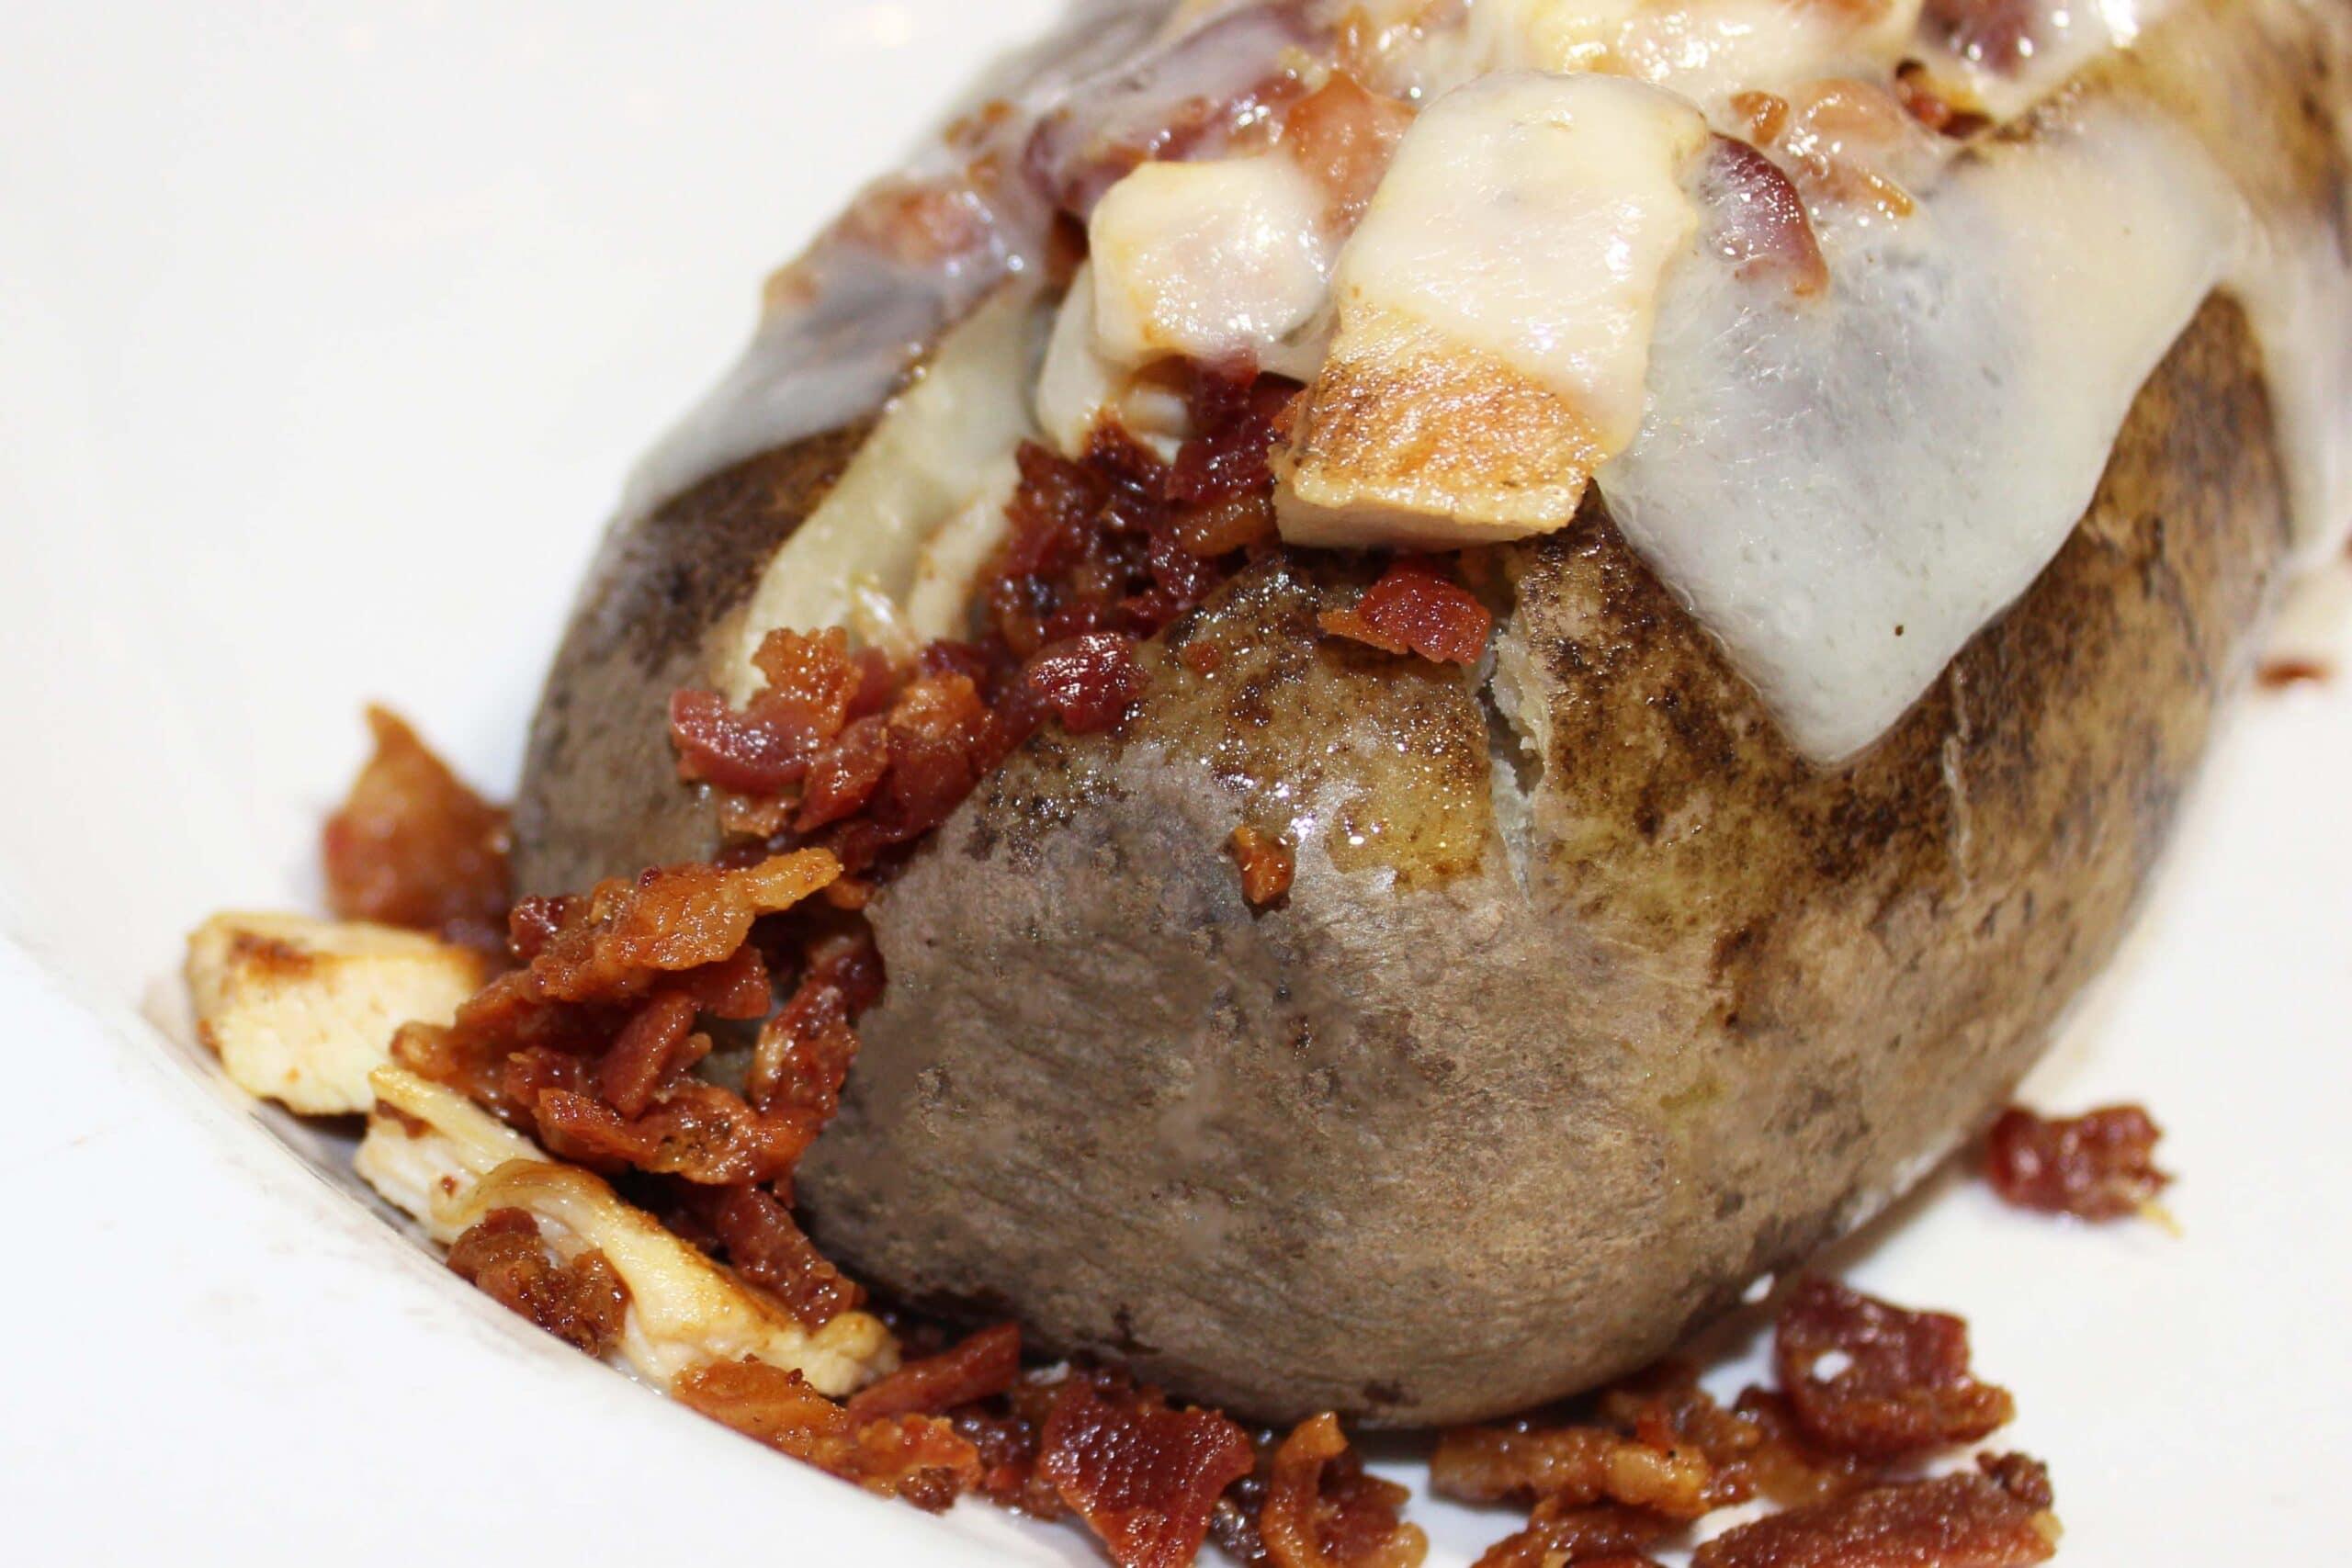 kaiser's of kenosha, baked potato in kenosha, pizza pub in kenosha